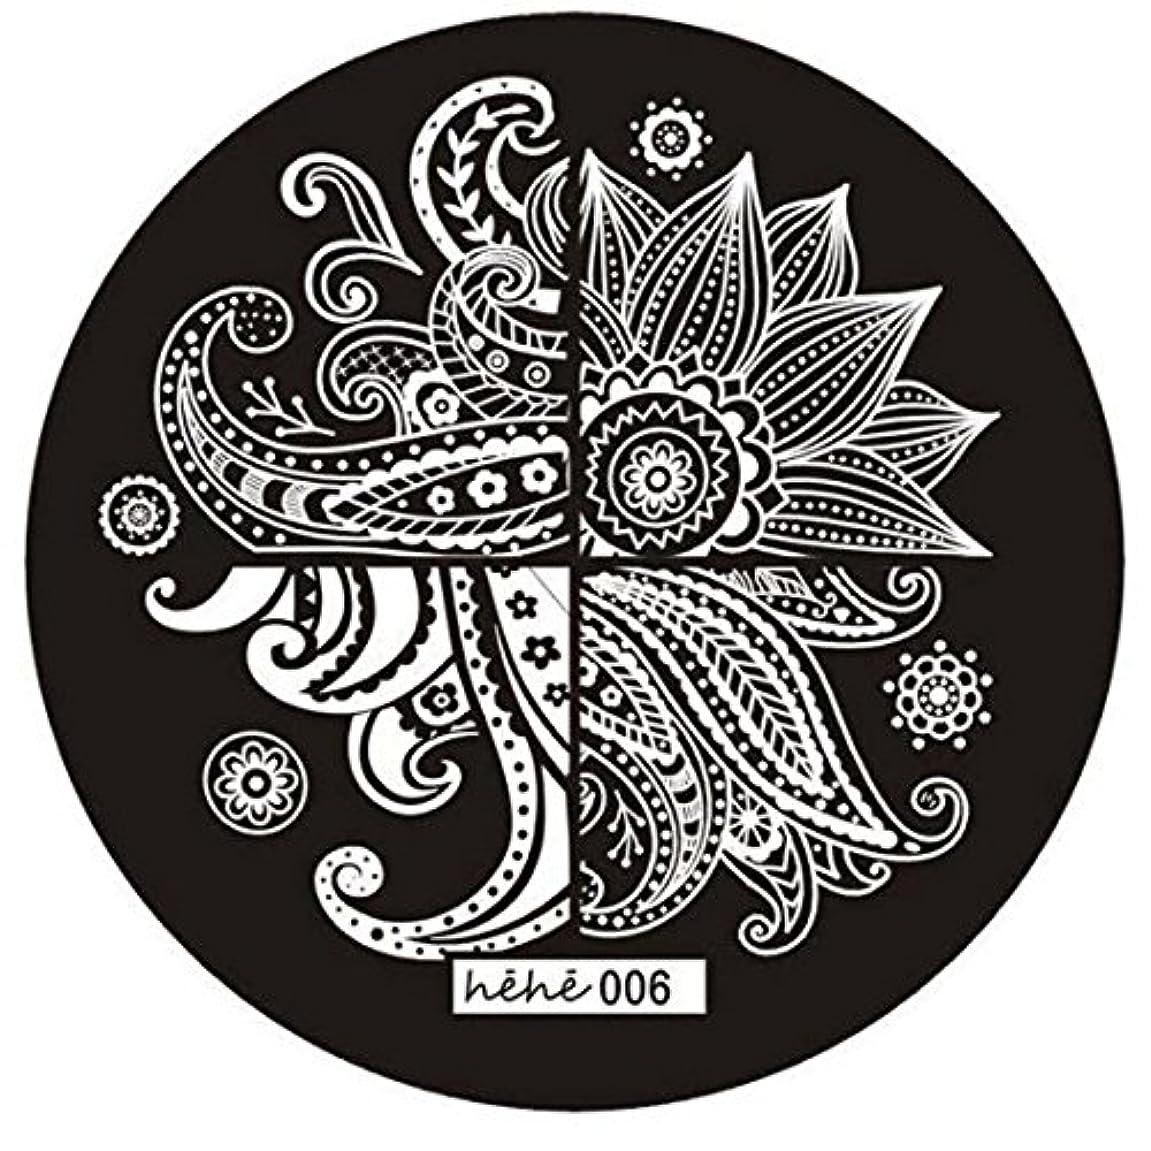 逆さまに派生する石膏RETYLY 女の子のネイルアートパターンのイメージスタンプ プレートテンプレートマニキュア006